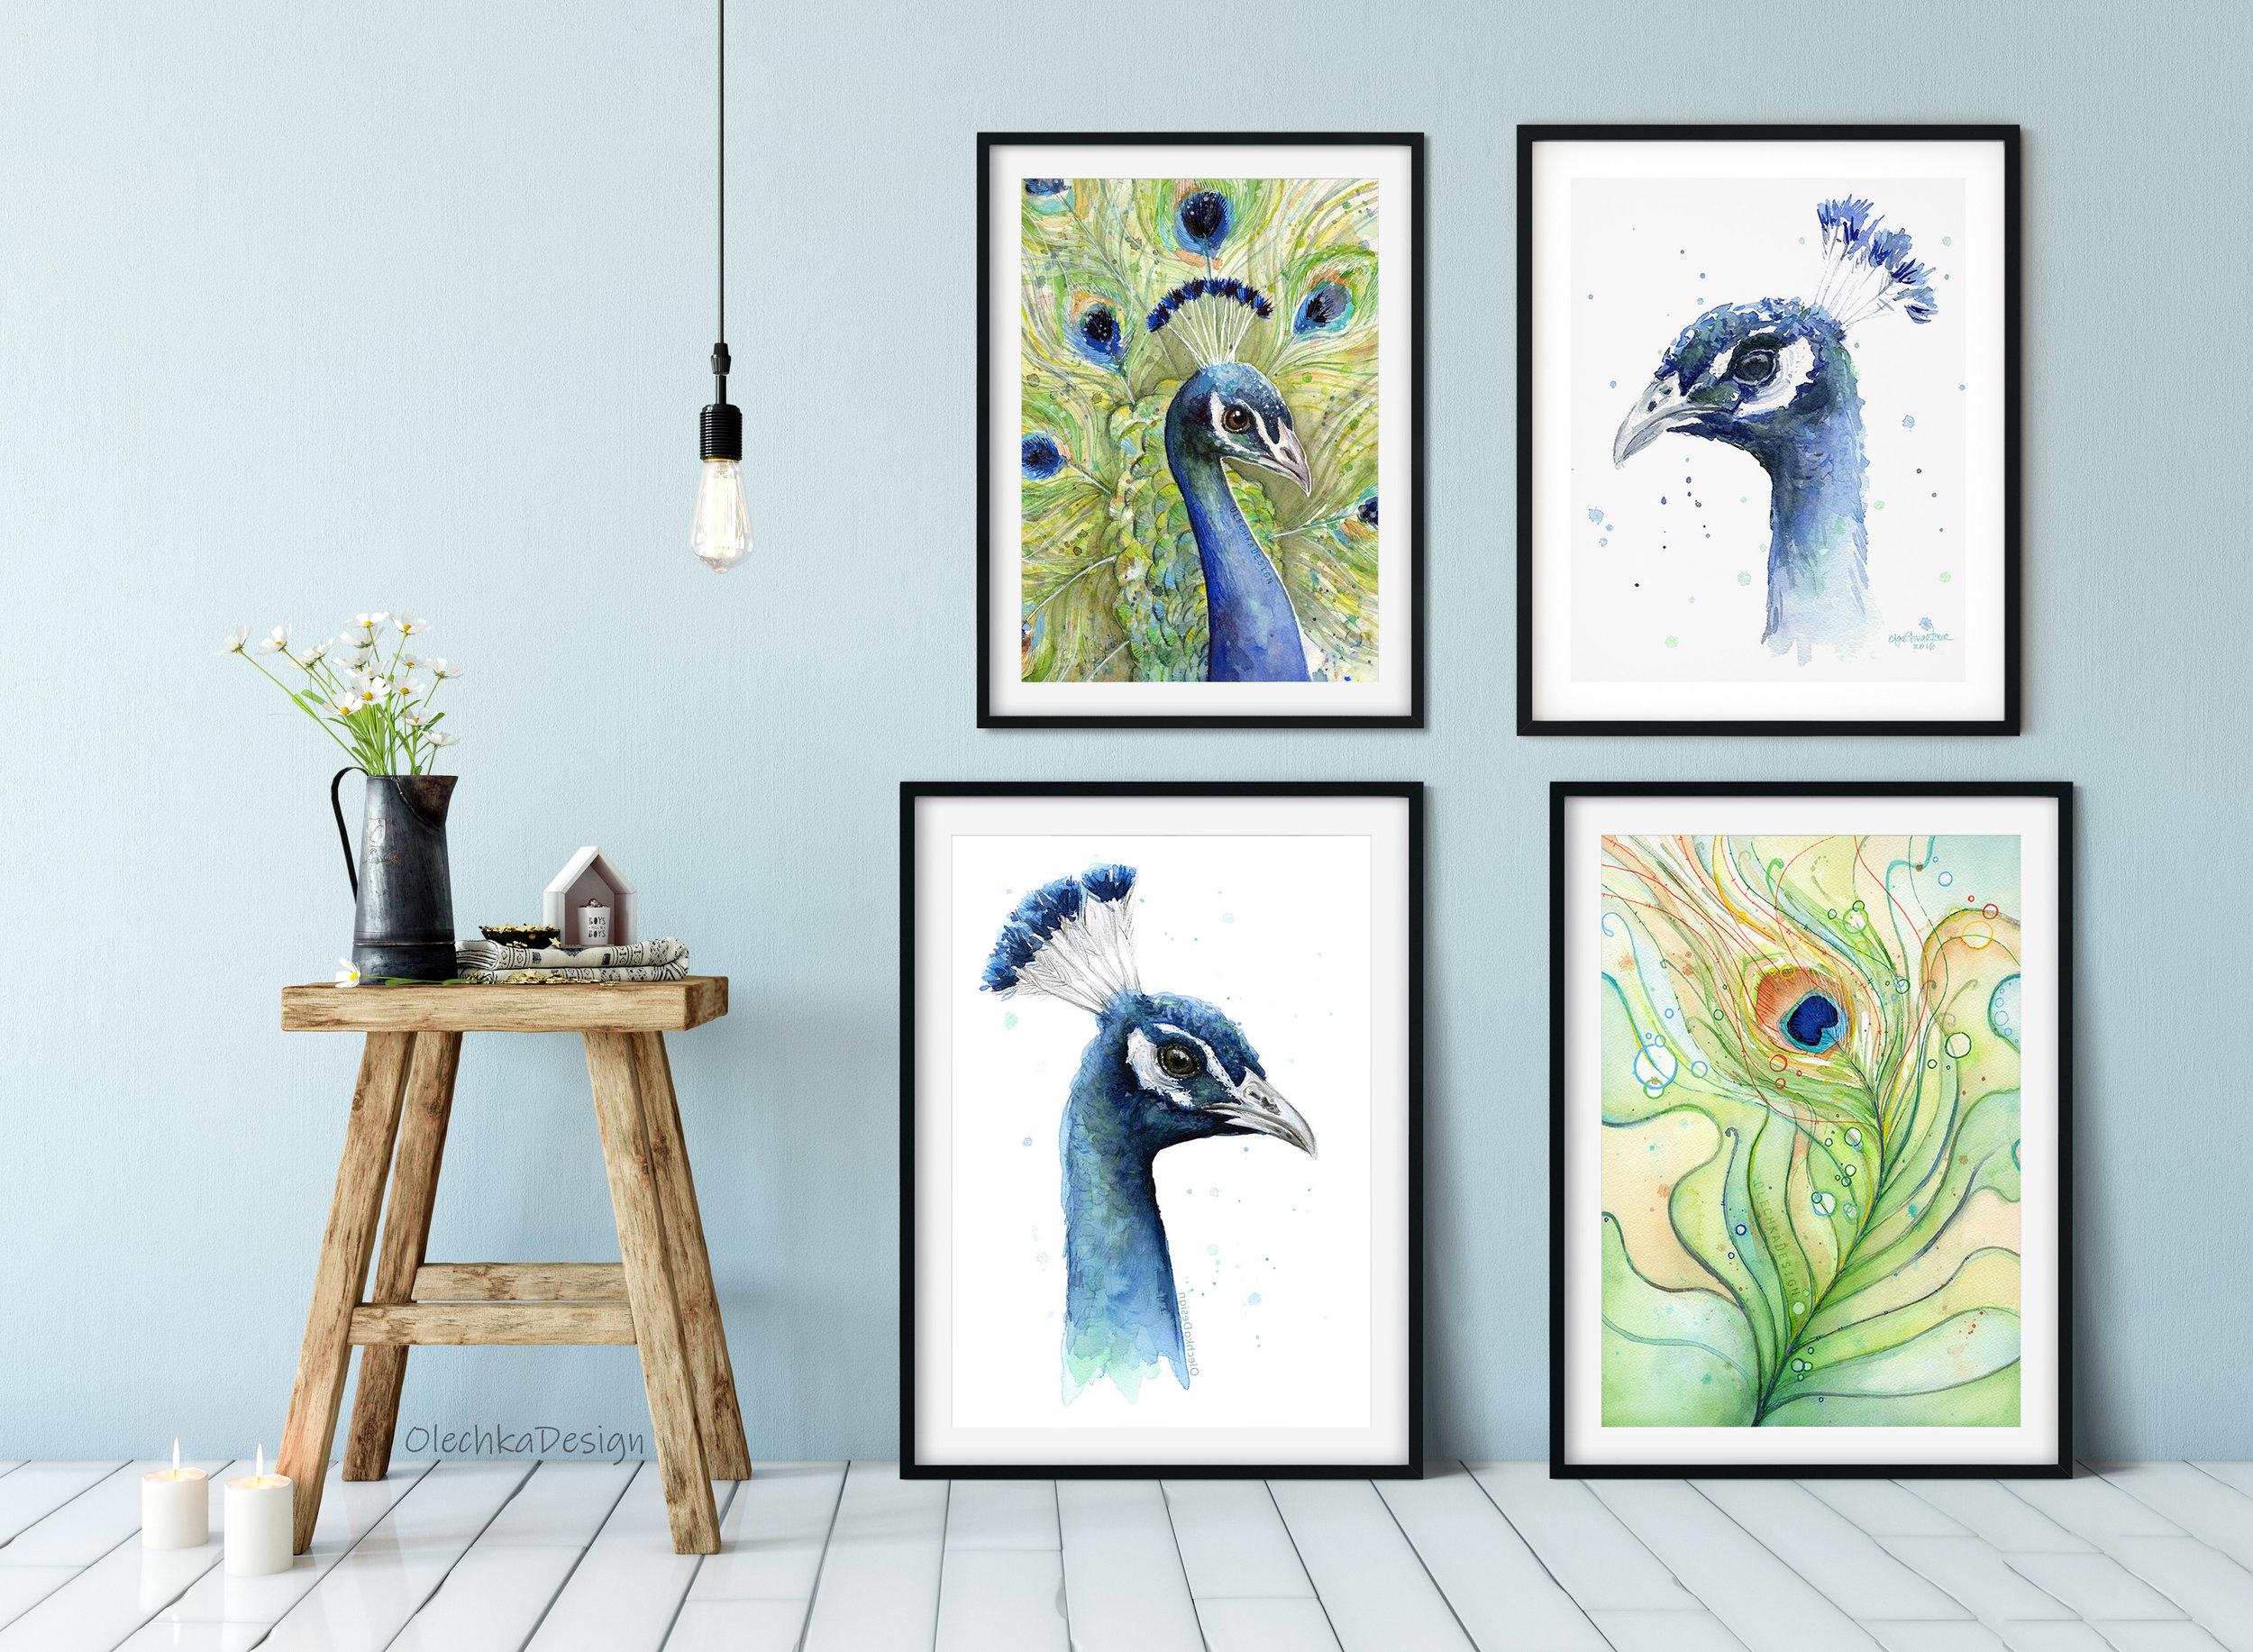 peacock-watercolor-wall-artjpg.jpg